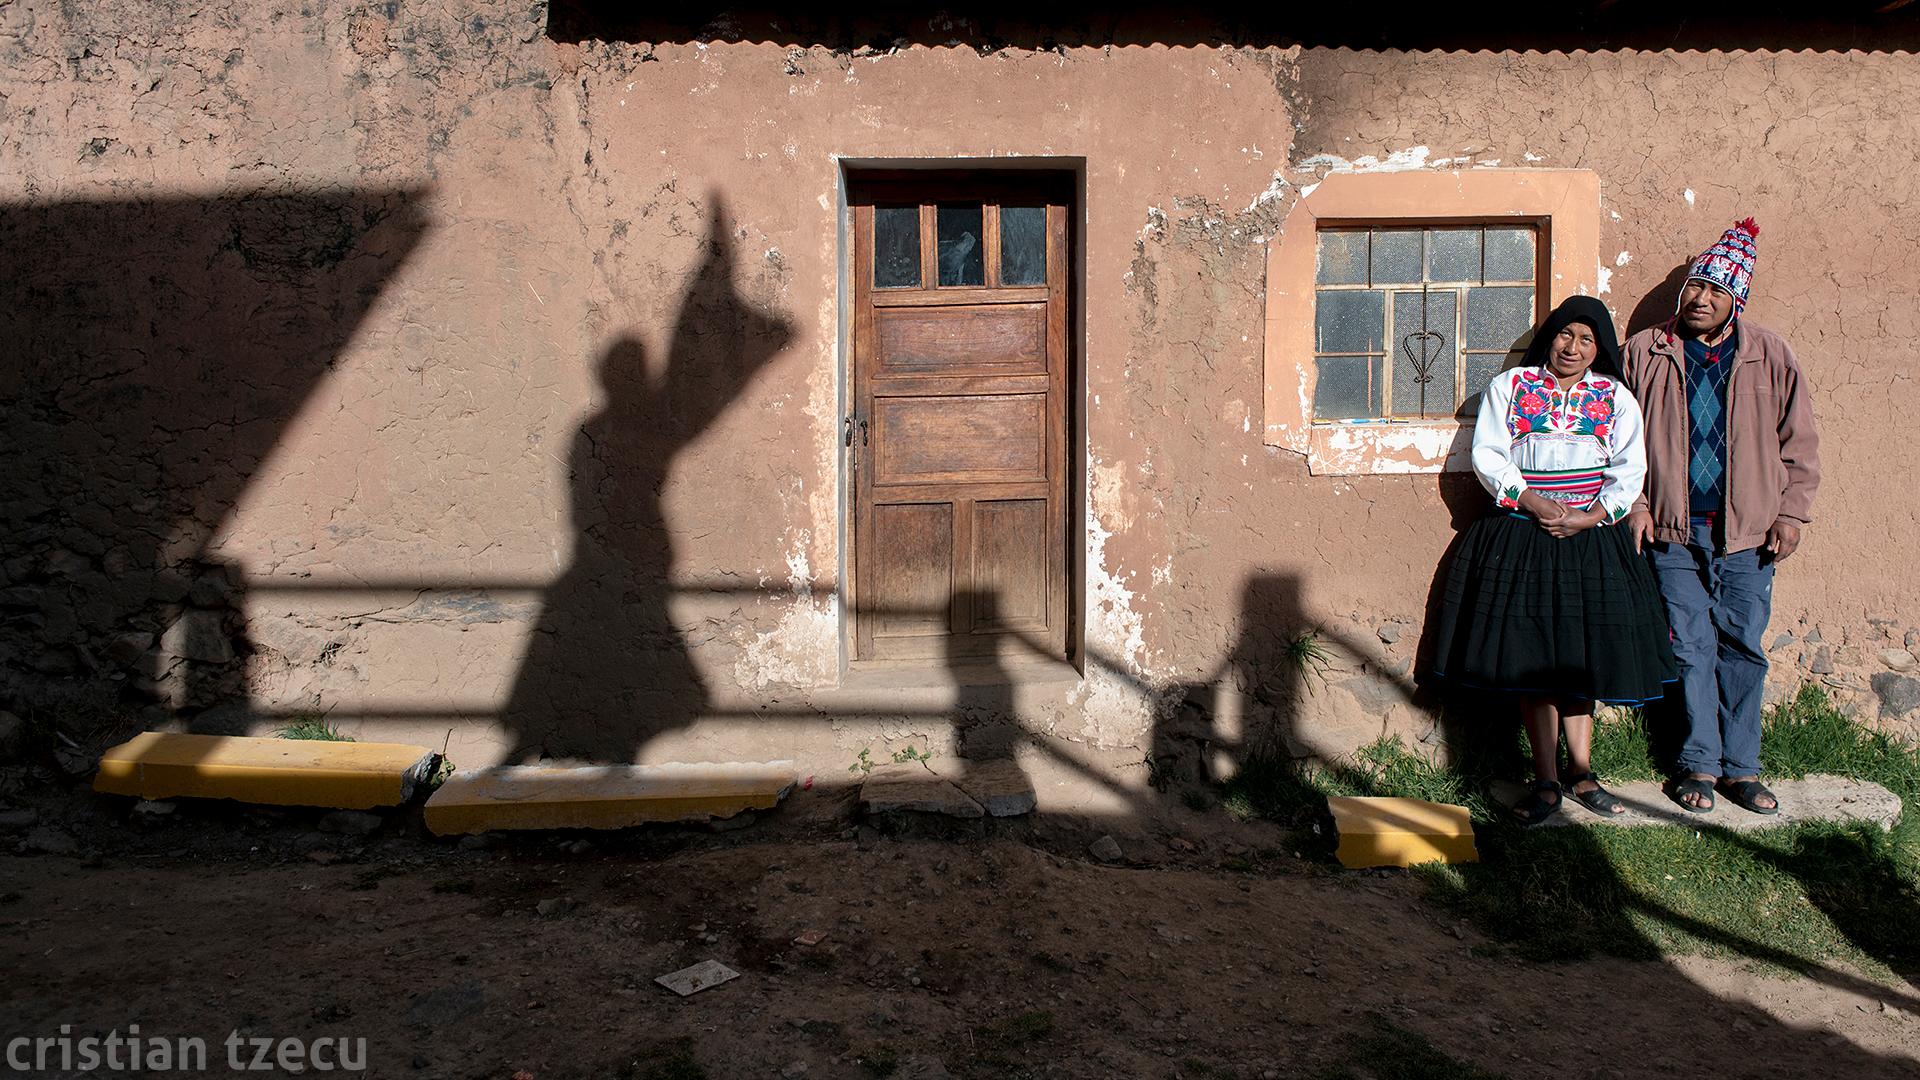 041_Titicaca-_CTZ3405